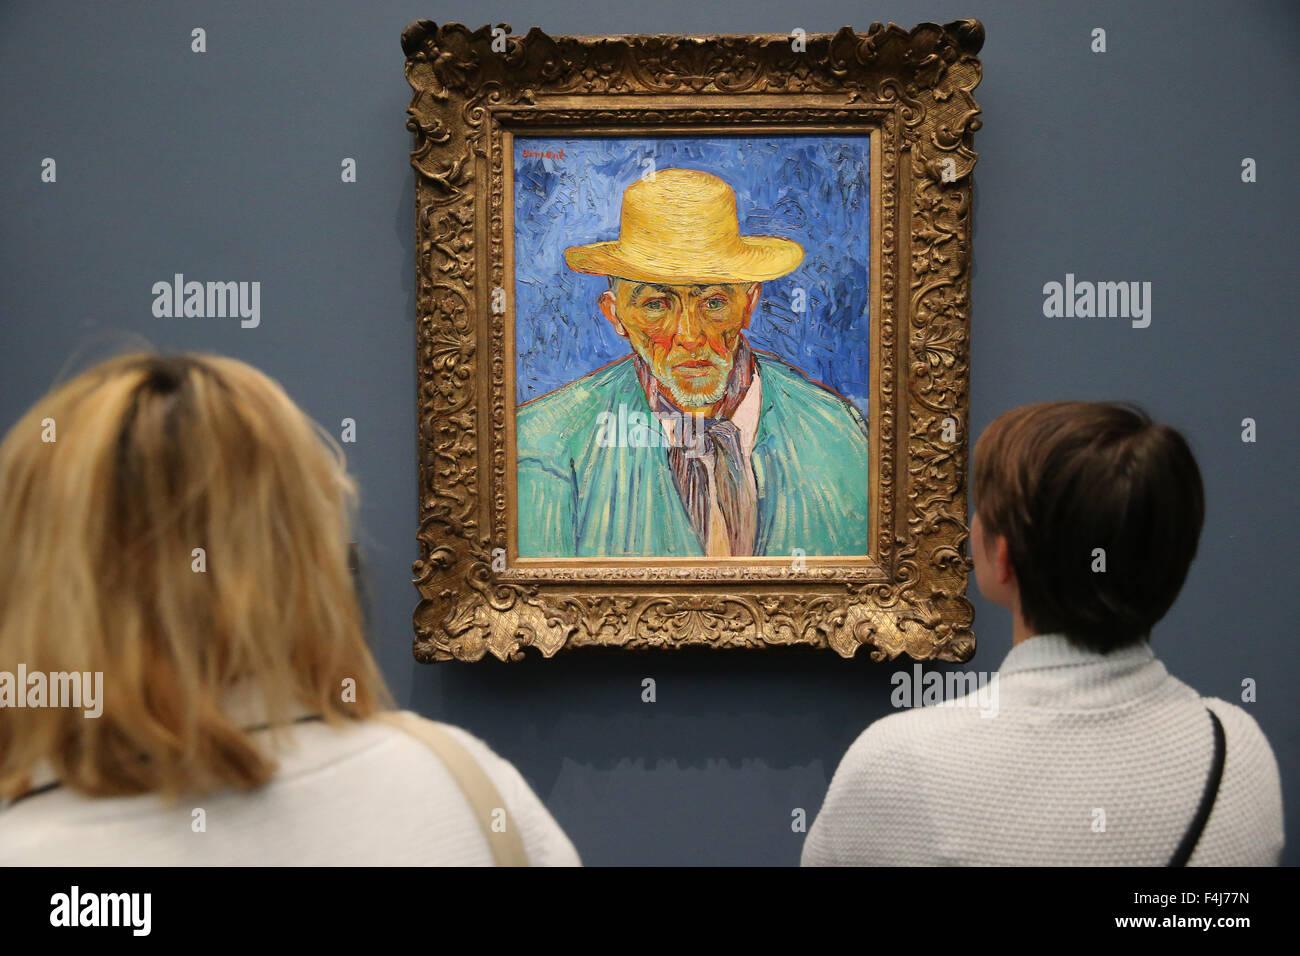 Portrait of a Peasant (Portrait d'un Paysan), 1888 by Vincent Van Gogh, Musee d'Orsay, Paris, France, Europe - Stock Image